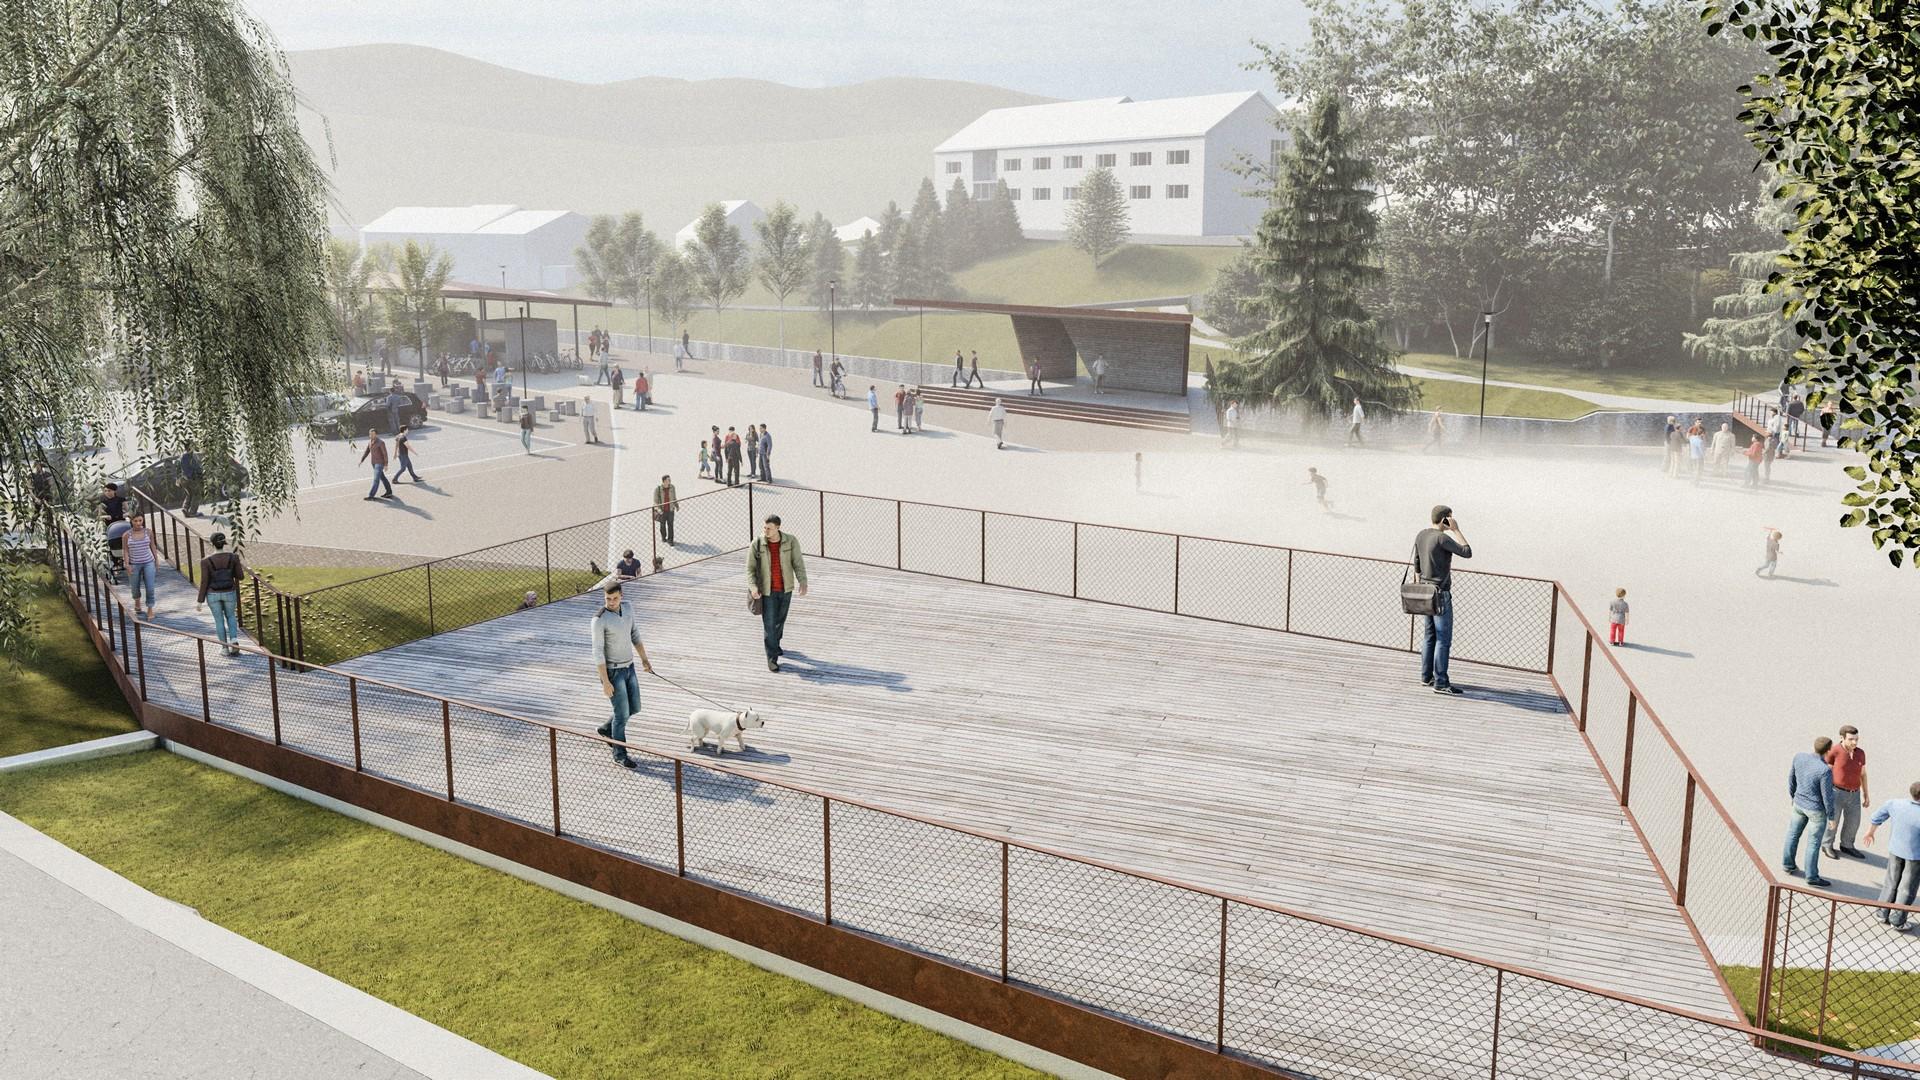 Projekt izgradnje tržnice u središtu Fužina kandidiran je za EU sredstva